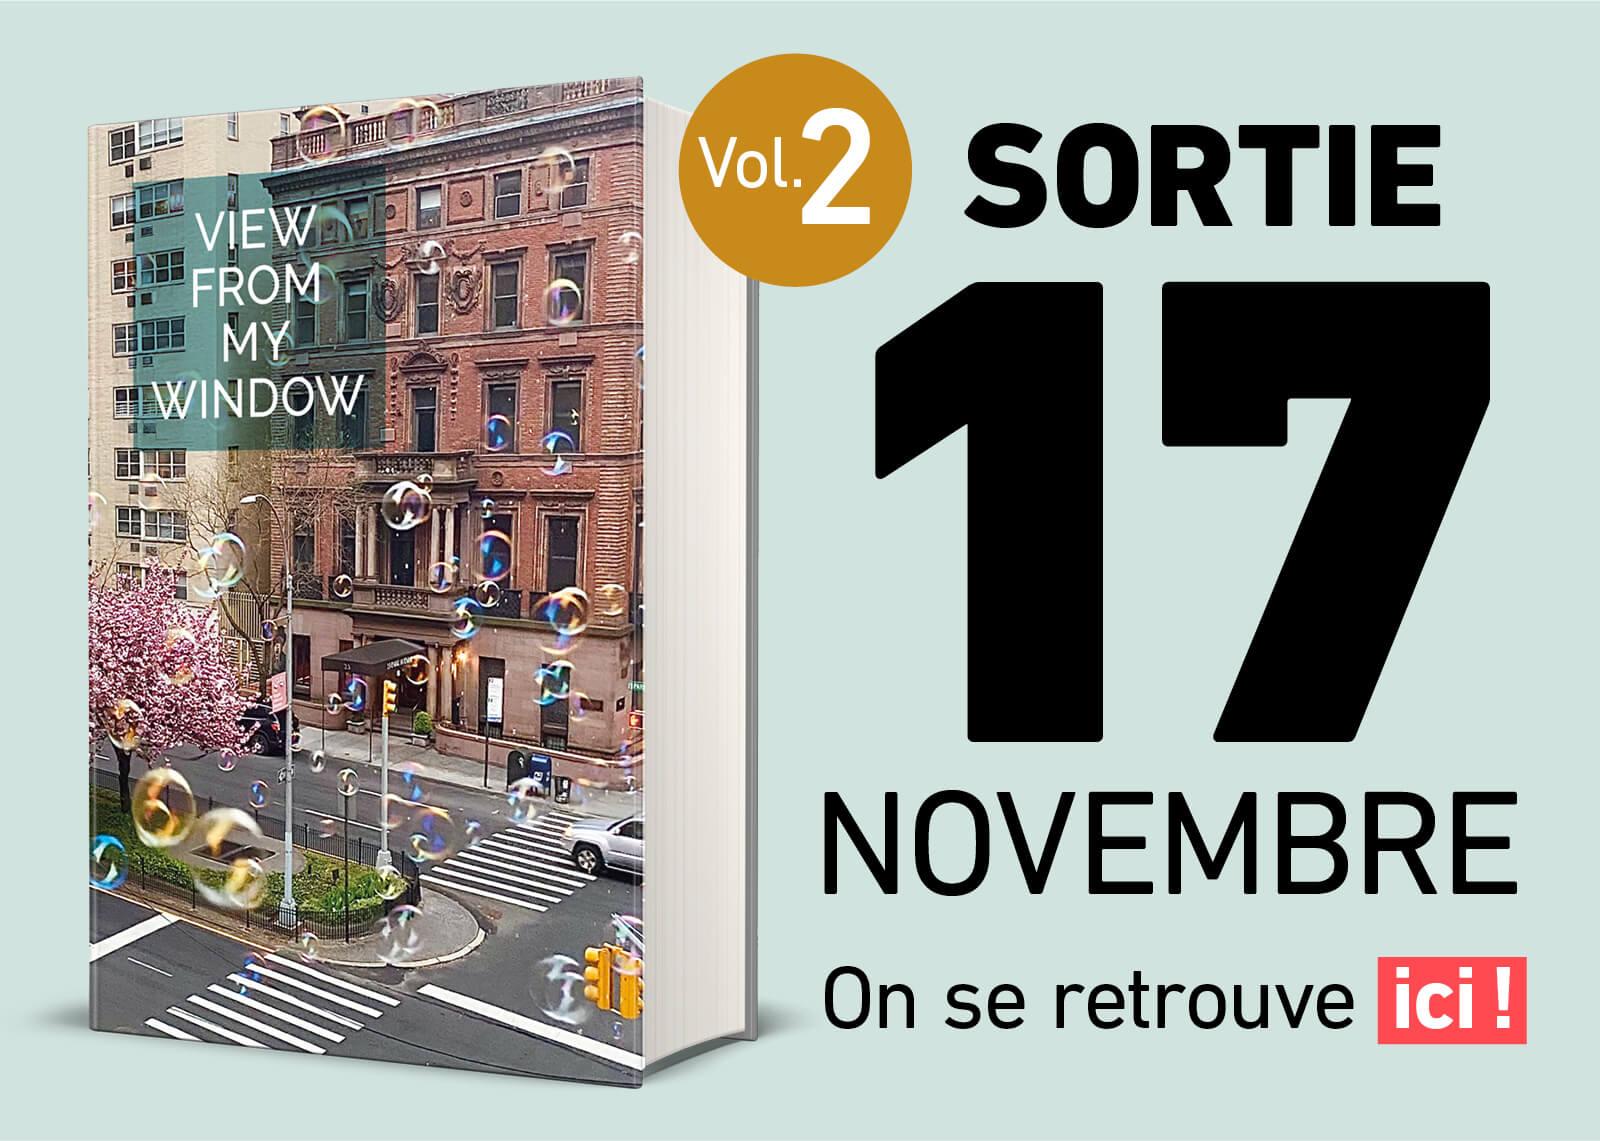 Sortie du livre Vol. 2 ce 17 novembre !